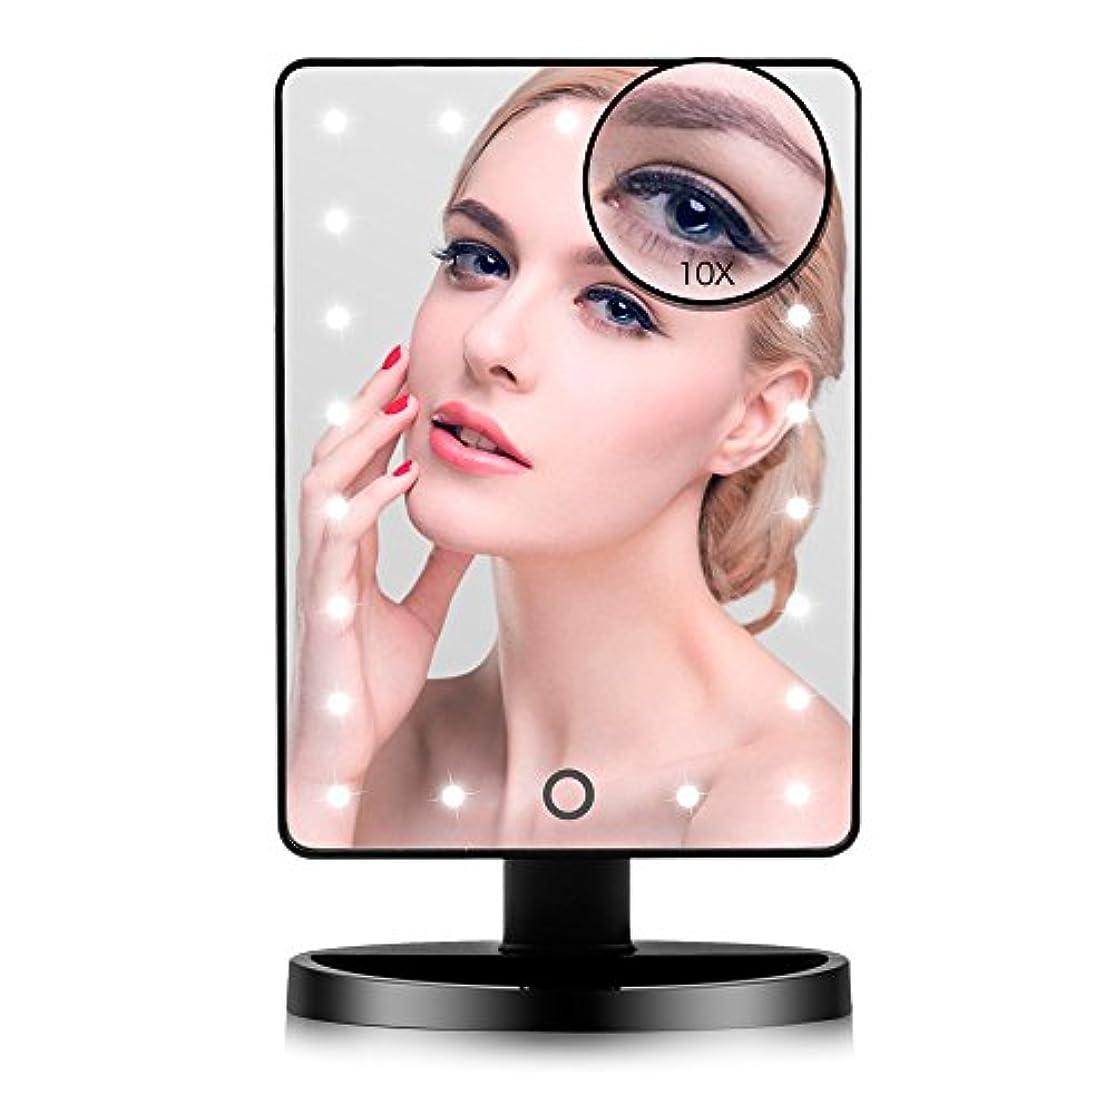 本質的ではない力強いドアミラー化粧鏡 卓上鏡 化粧ミラー 鏡 女優ミラー 卓上 21 led 拡大鏡 10倍 明るさ調節可能 180°回転 電池給電(Black)